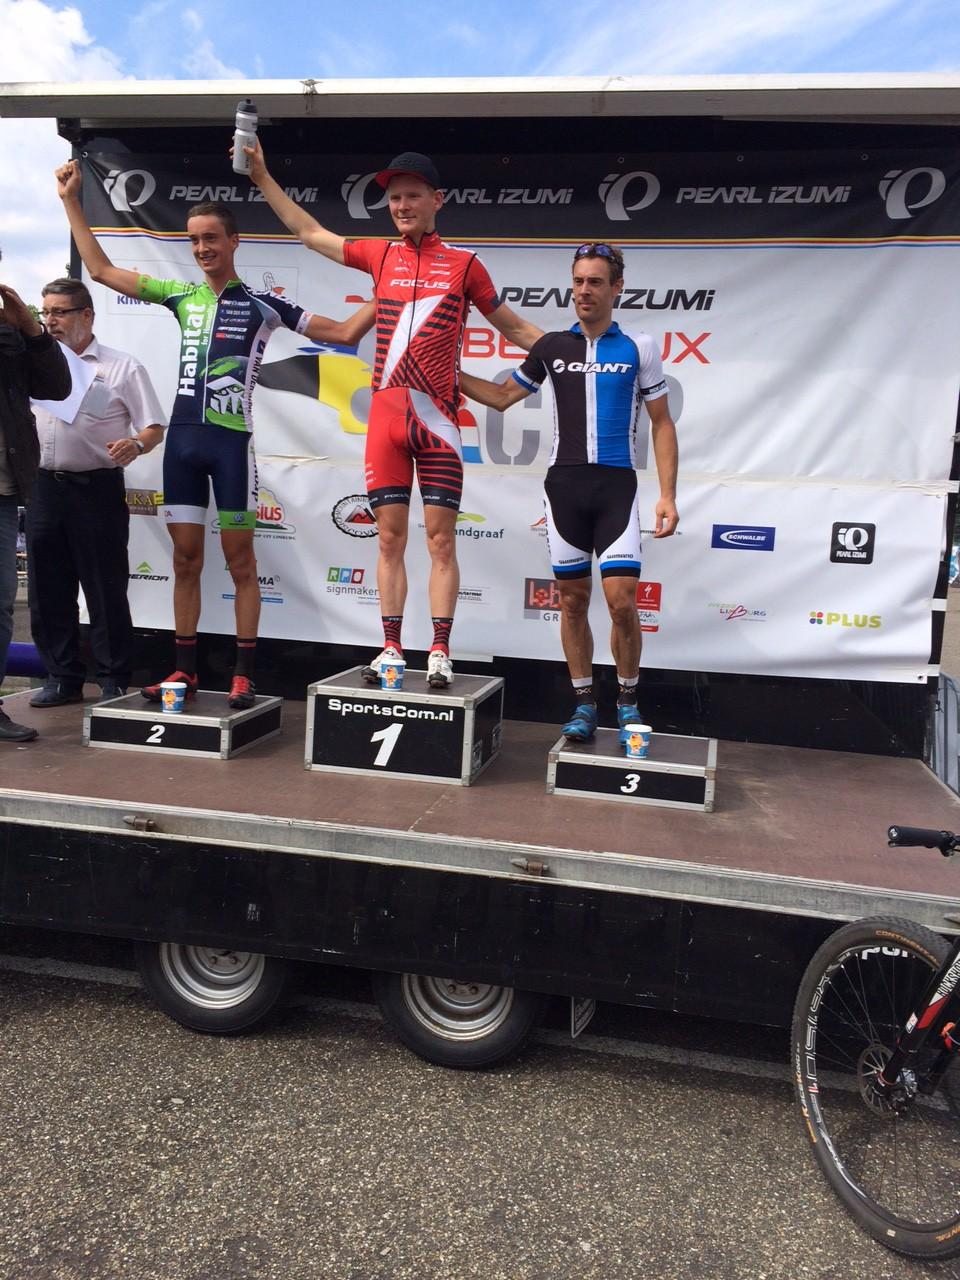 Markus Schulte Lünzüm en Annemarie Worst winnen in Beneluxcup Landgraaf